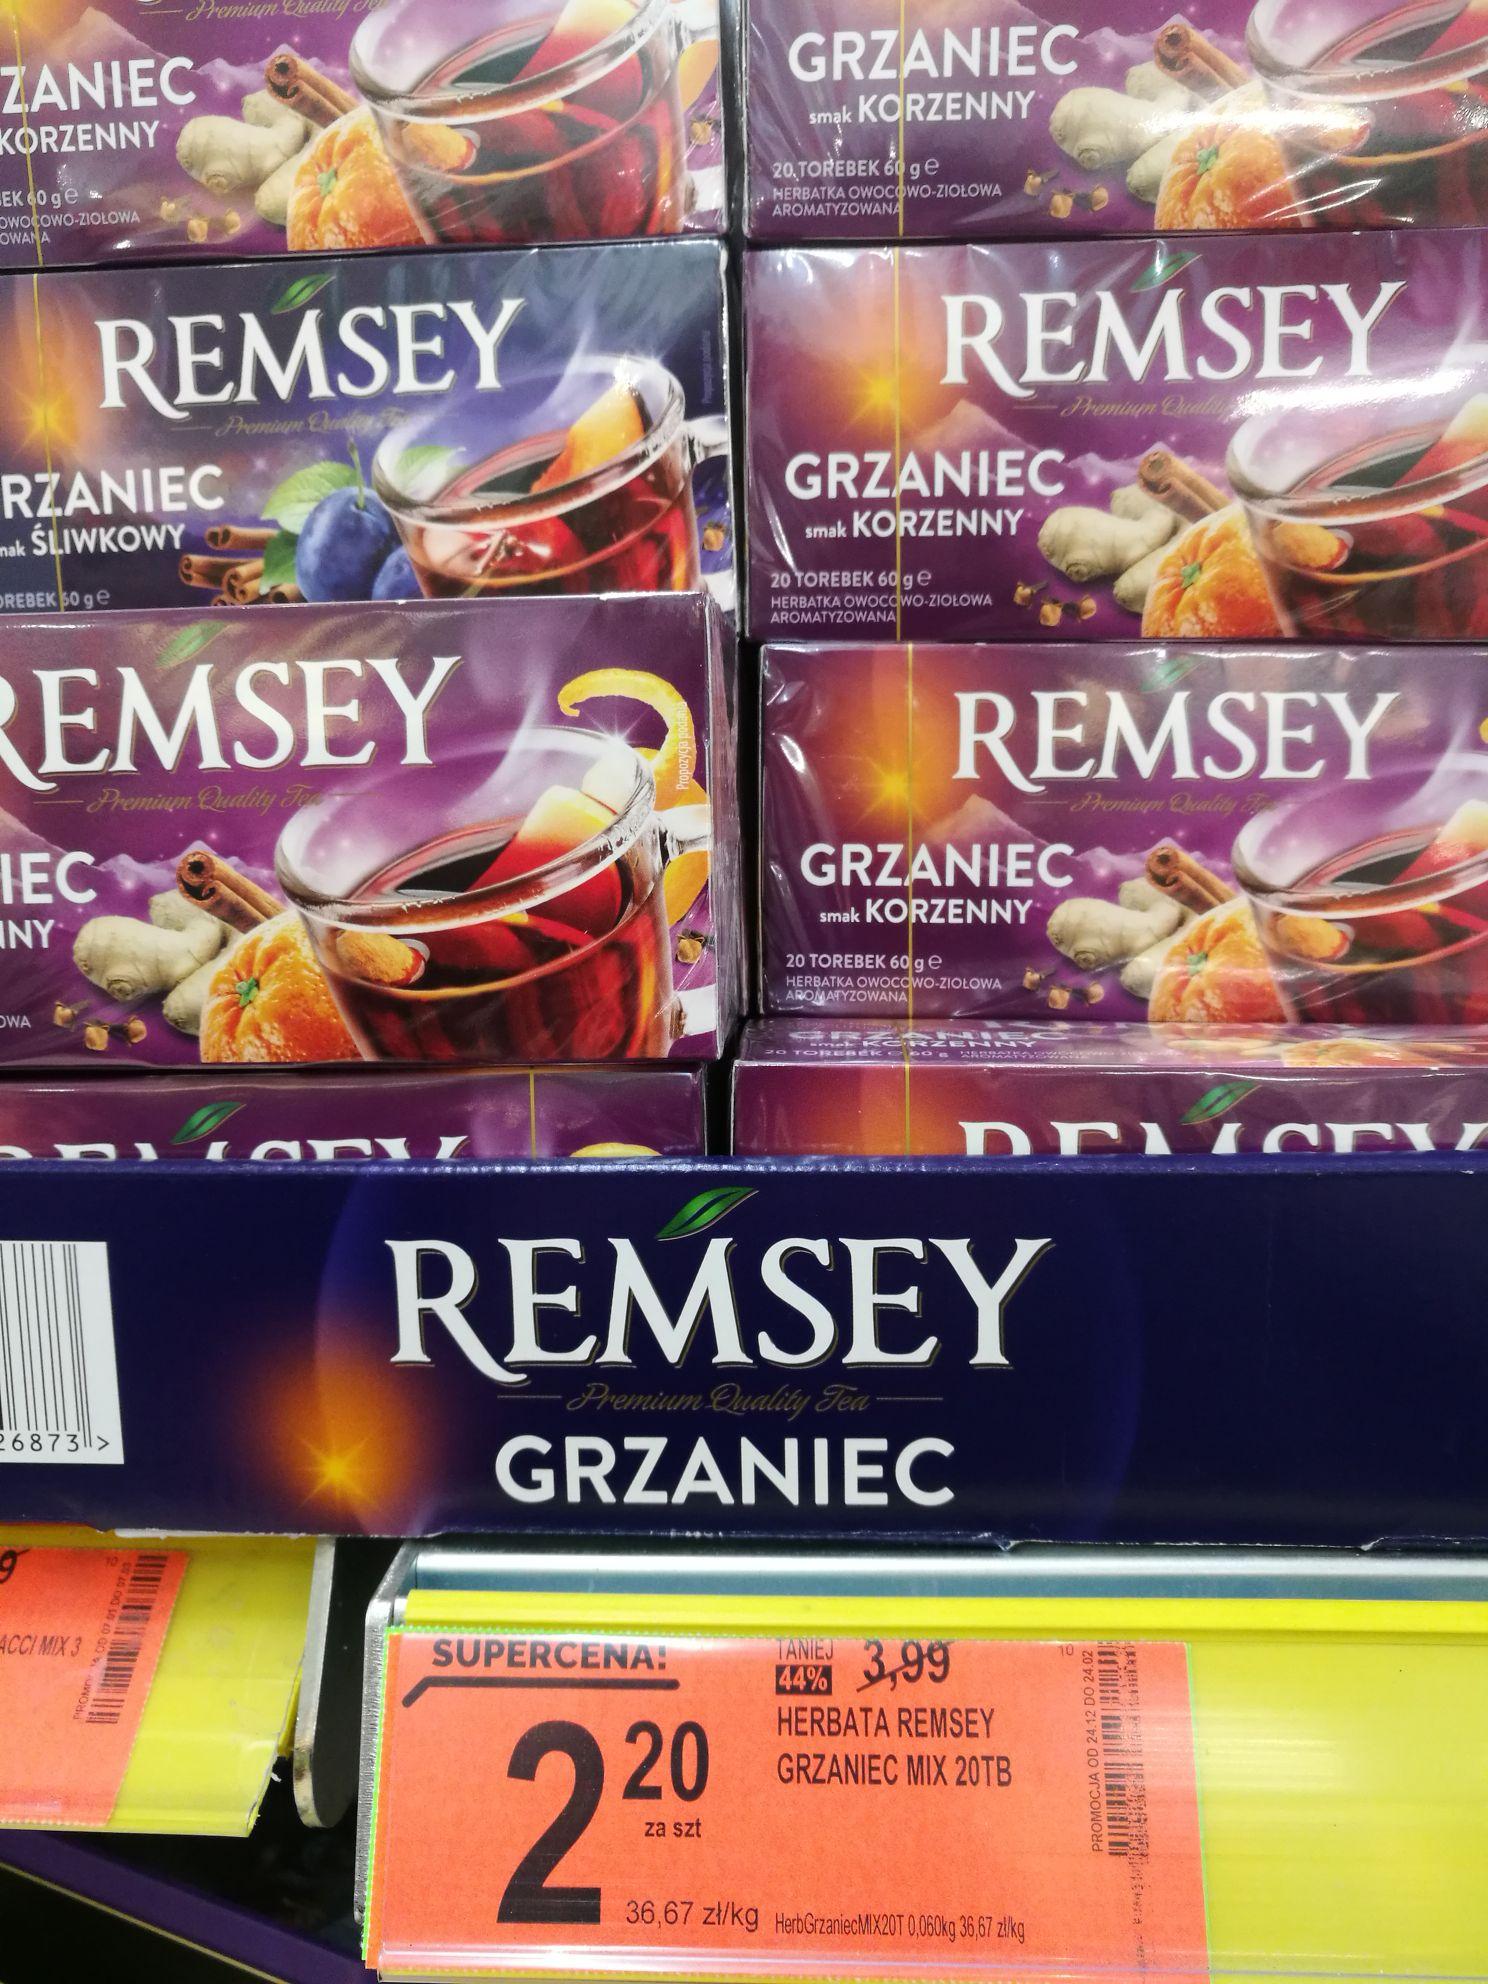 Herbata remsey grzaniec w Biedronce